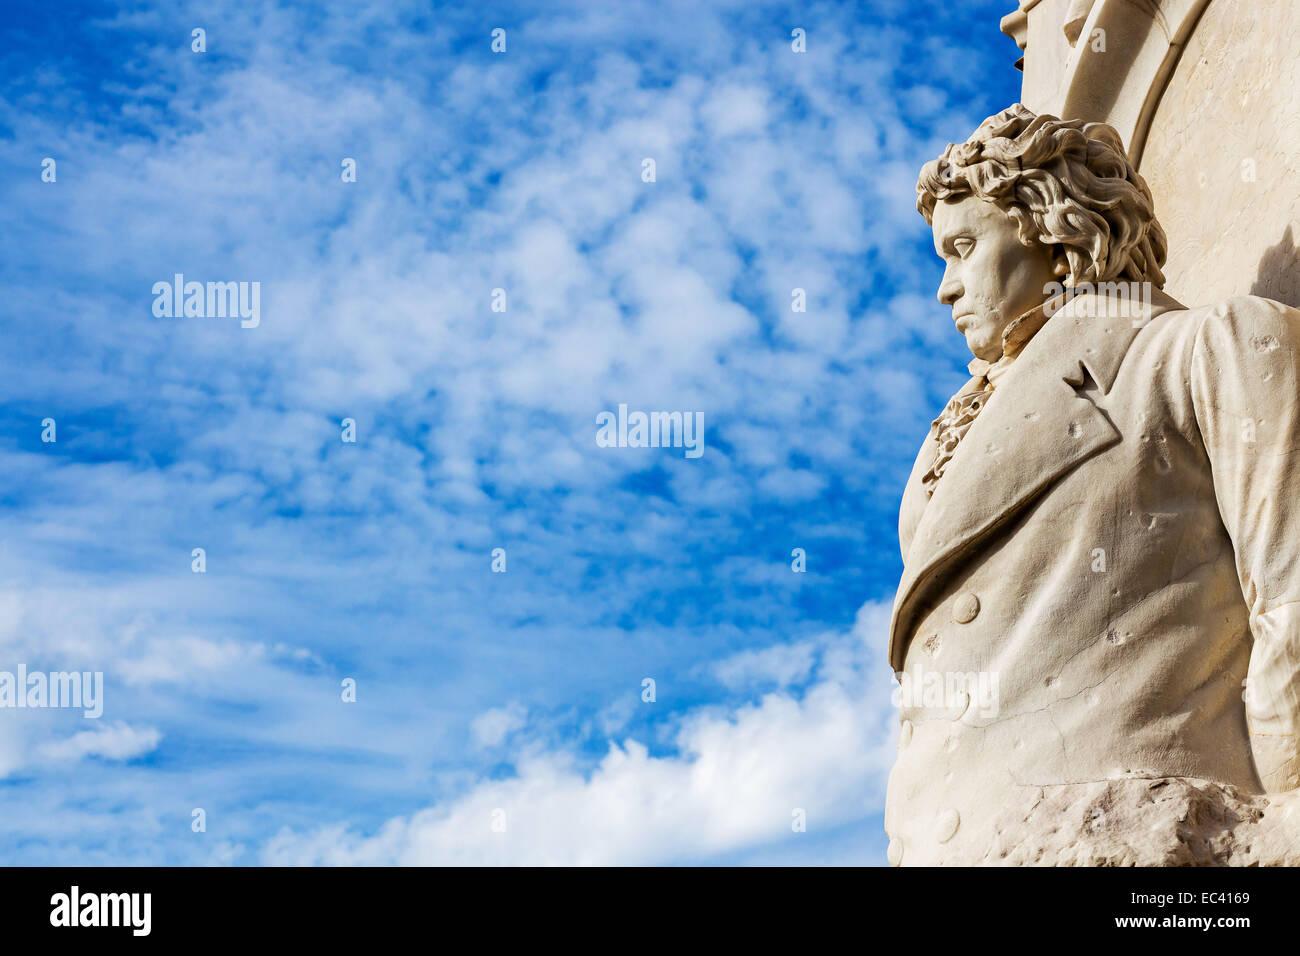 Beethoven-Haydn-Mozart Denkmal im Berliner Tiergarten - Stock Image